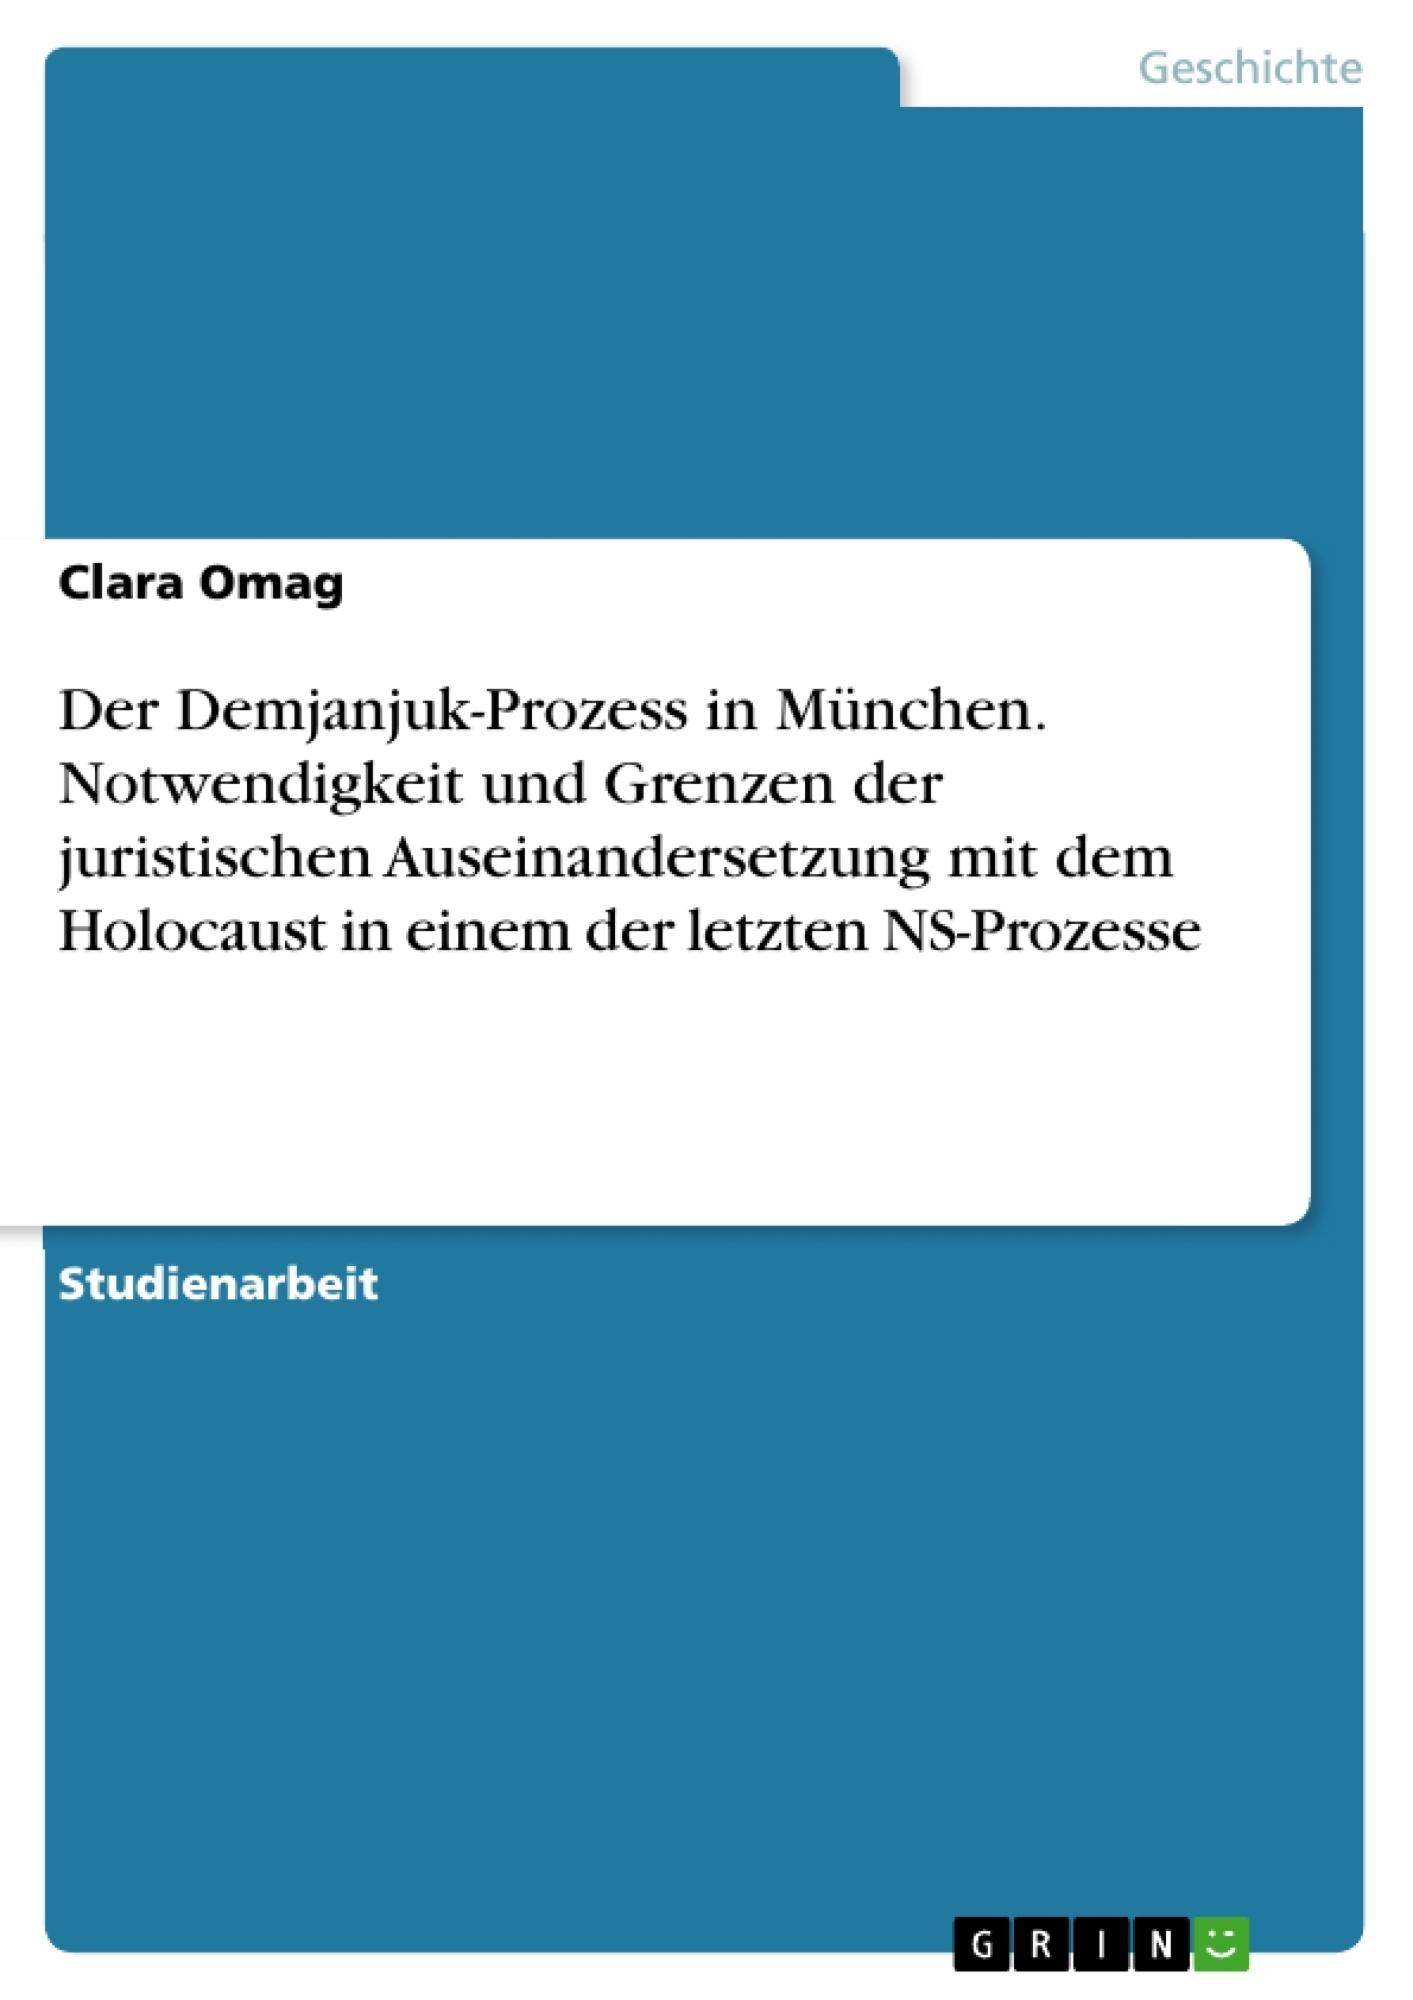 Titel: Der Demjanjuk-Prozess in München. Notwendigkeit und Grenzen der juristischen Auseinandersetzung mit dem Holocaust in einem der letzten NS-Prozesse